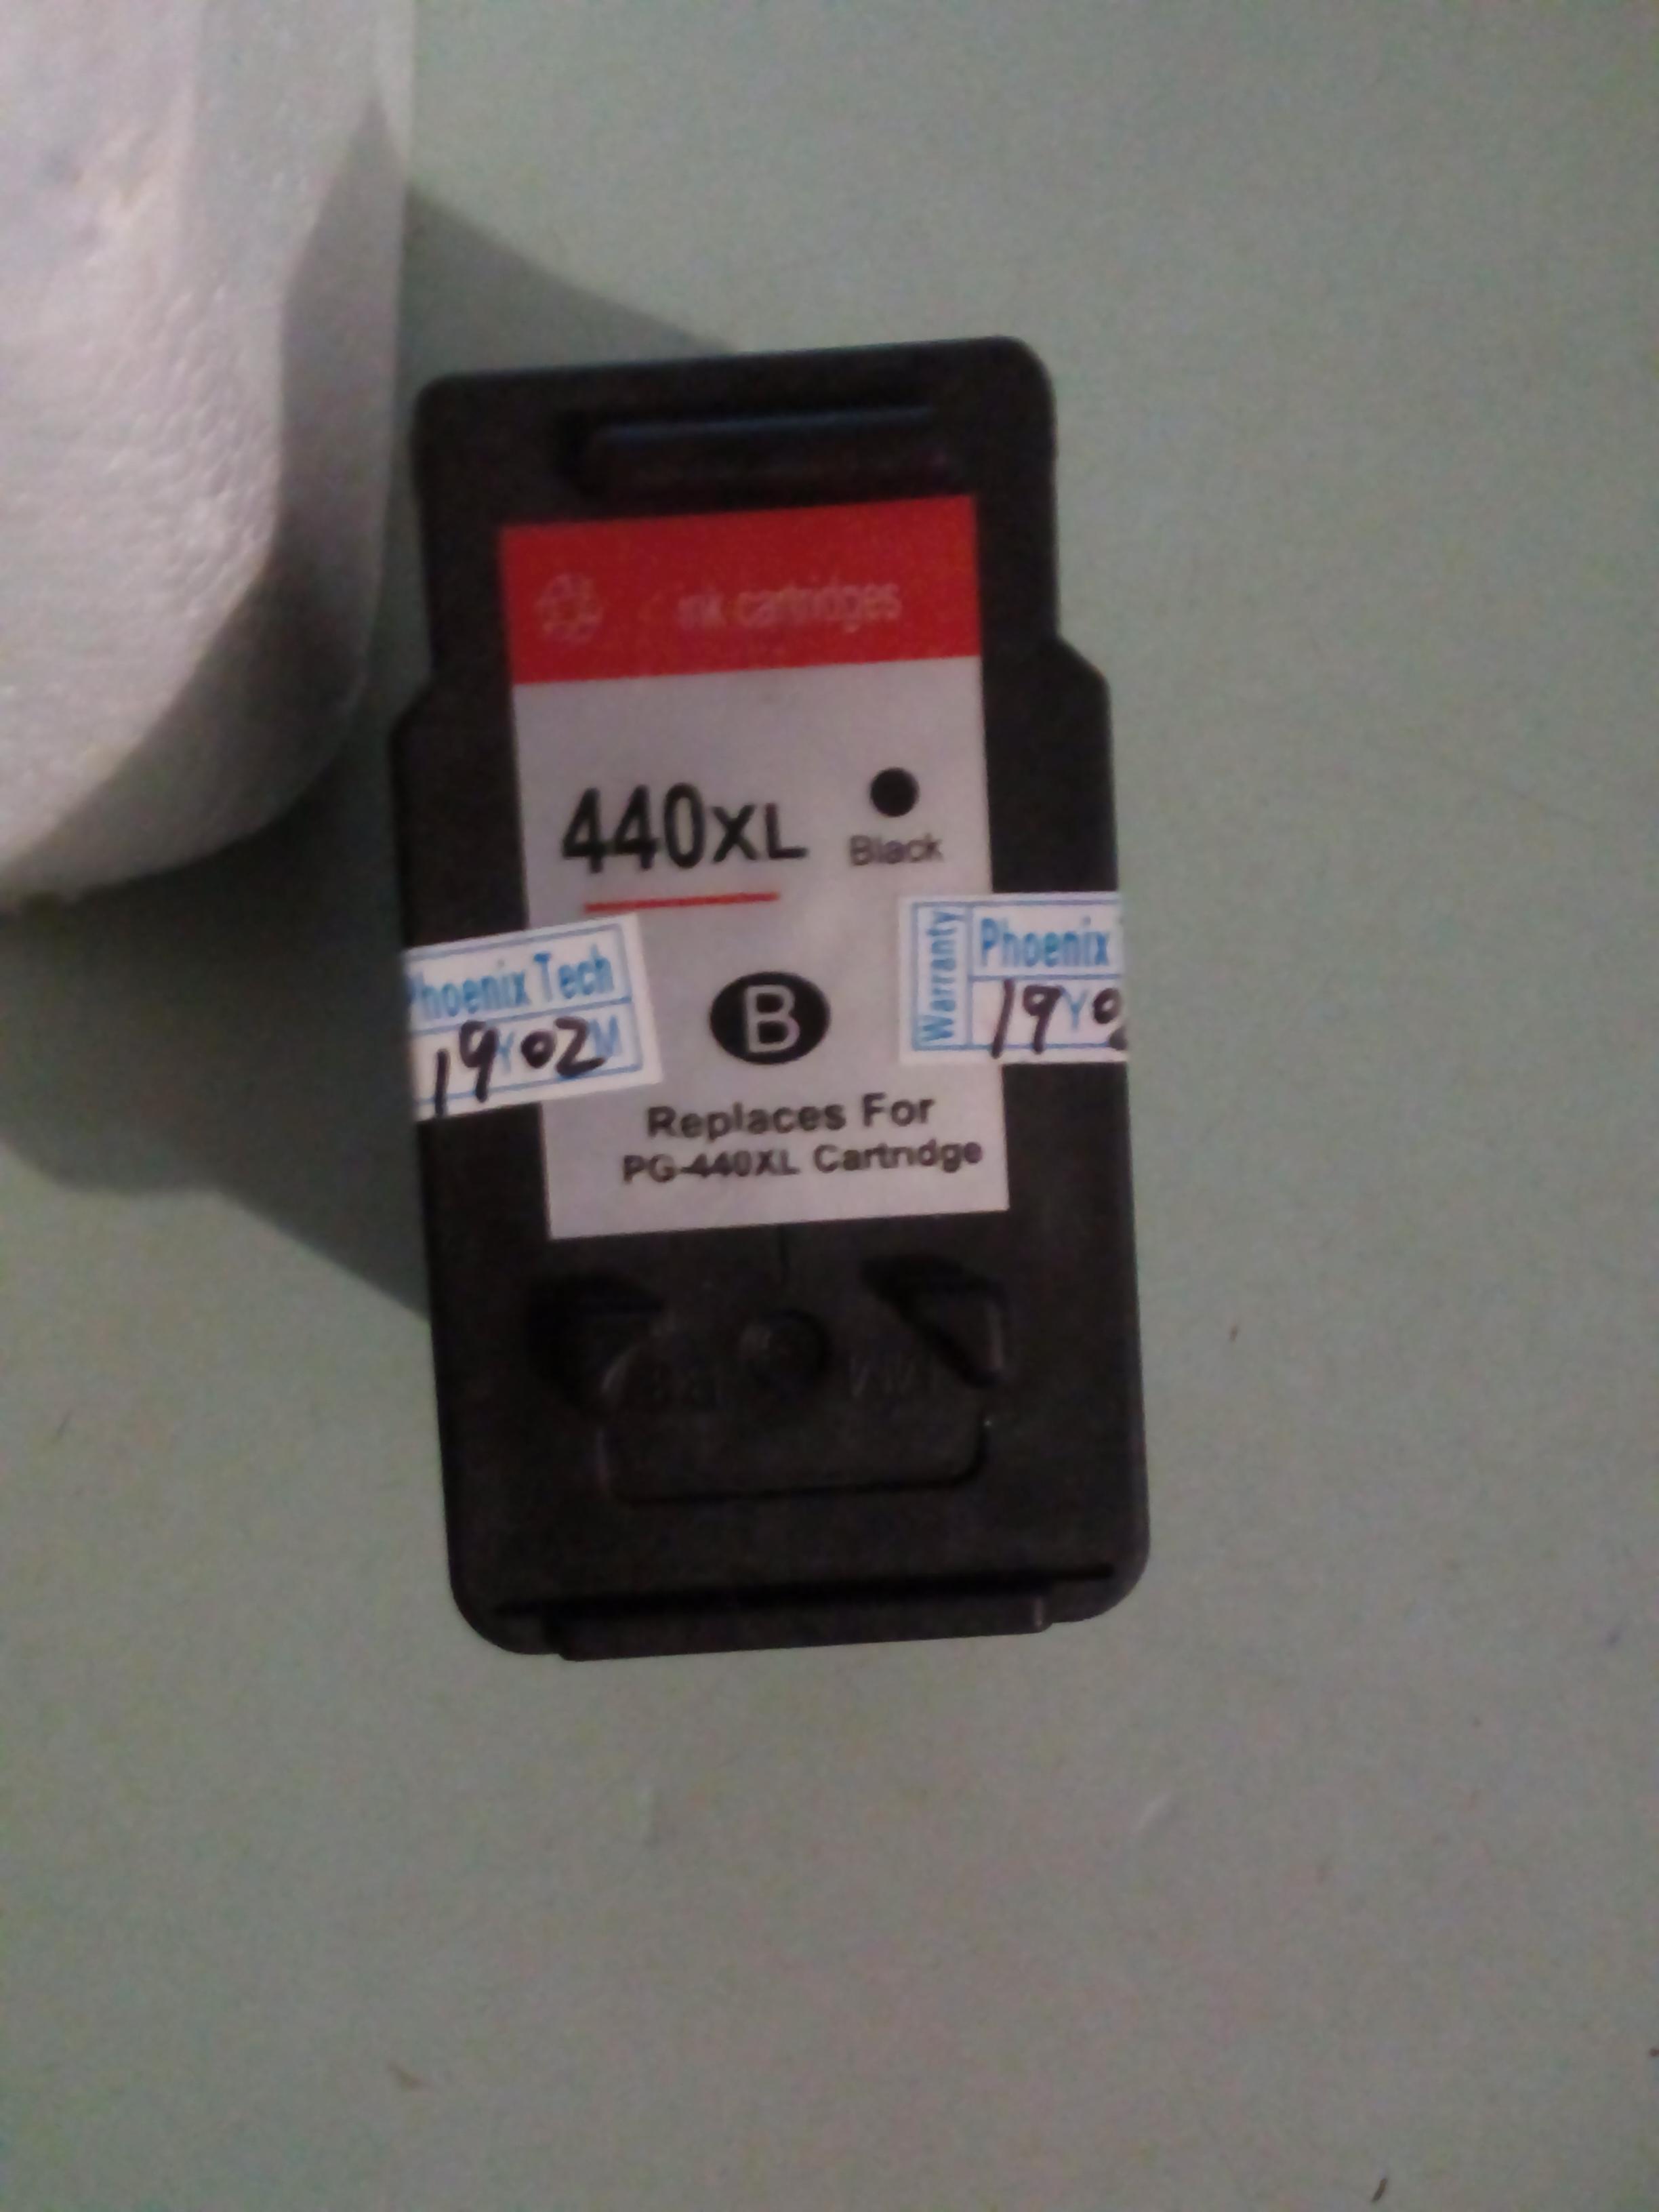 Отличная замена для вашего Canon. PG-440 PG-440XL черные чернильные картриджи